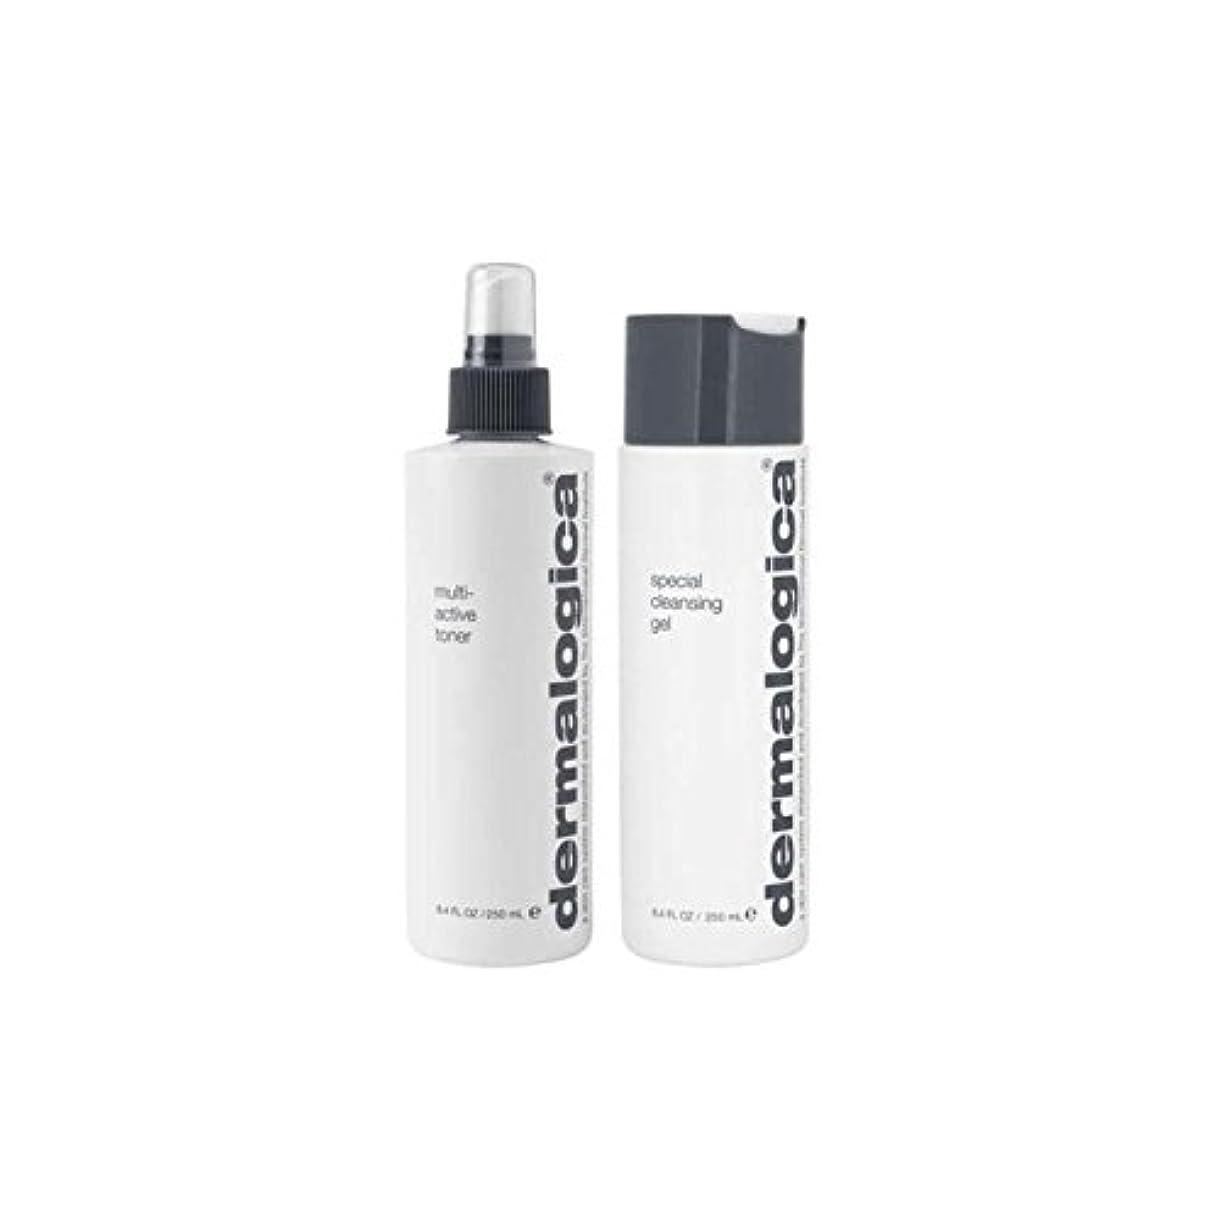 かすれたチーム苦痛Dermalogica Cleanse & Tone Duo - Normal/Dry Skin (2 Products) (Pack of 6) - ダーマロジカクレンジング&トーンデュオ - ノーマル/ドライスキン(...